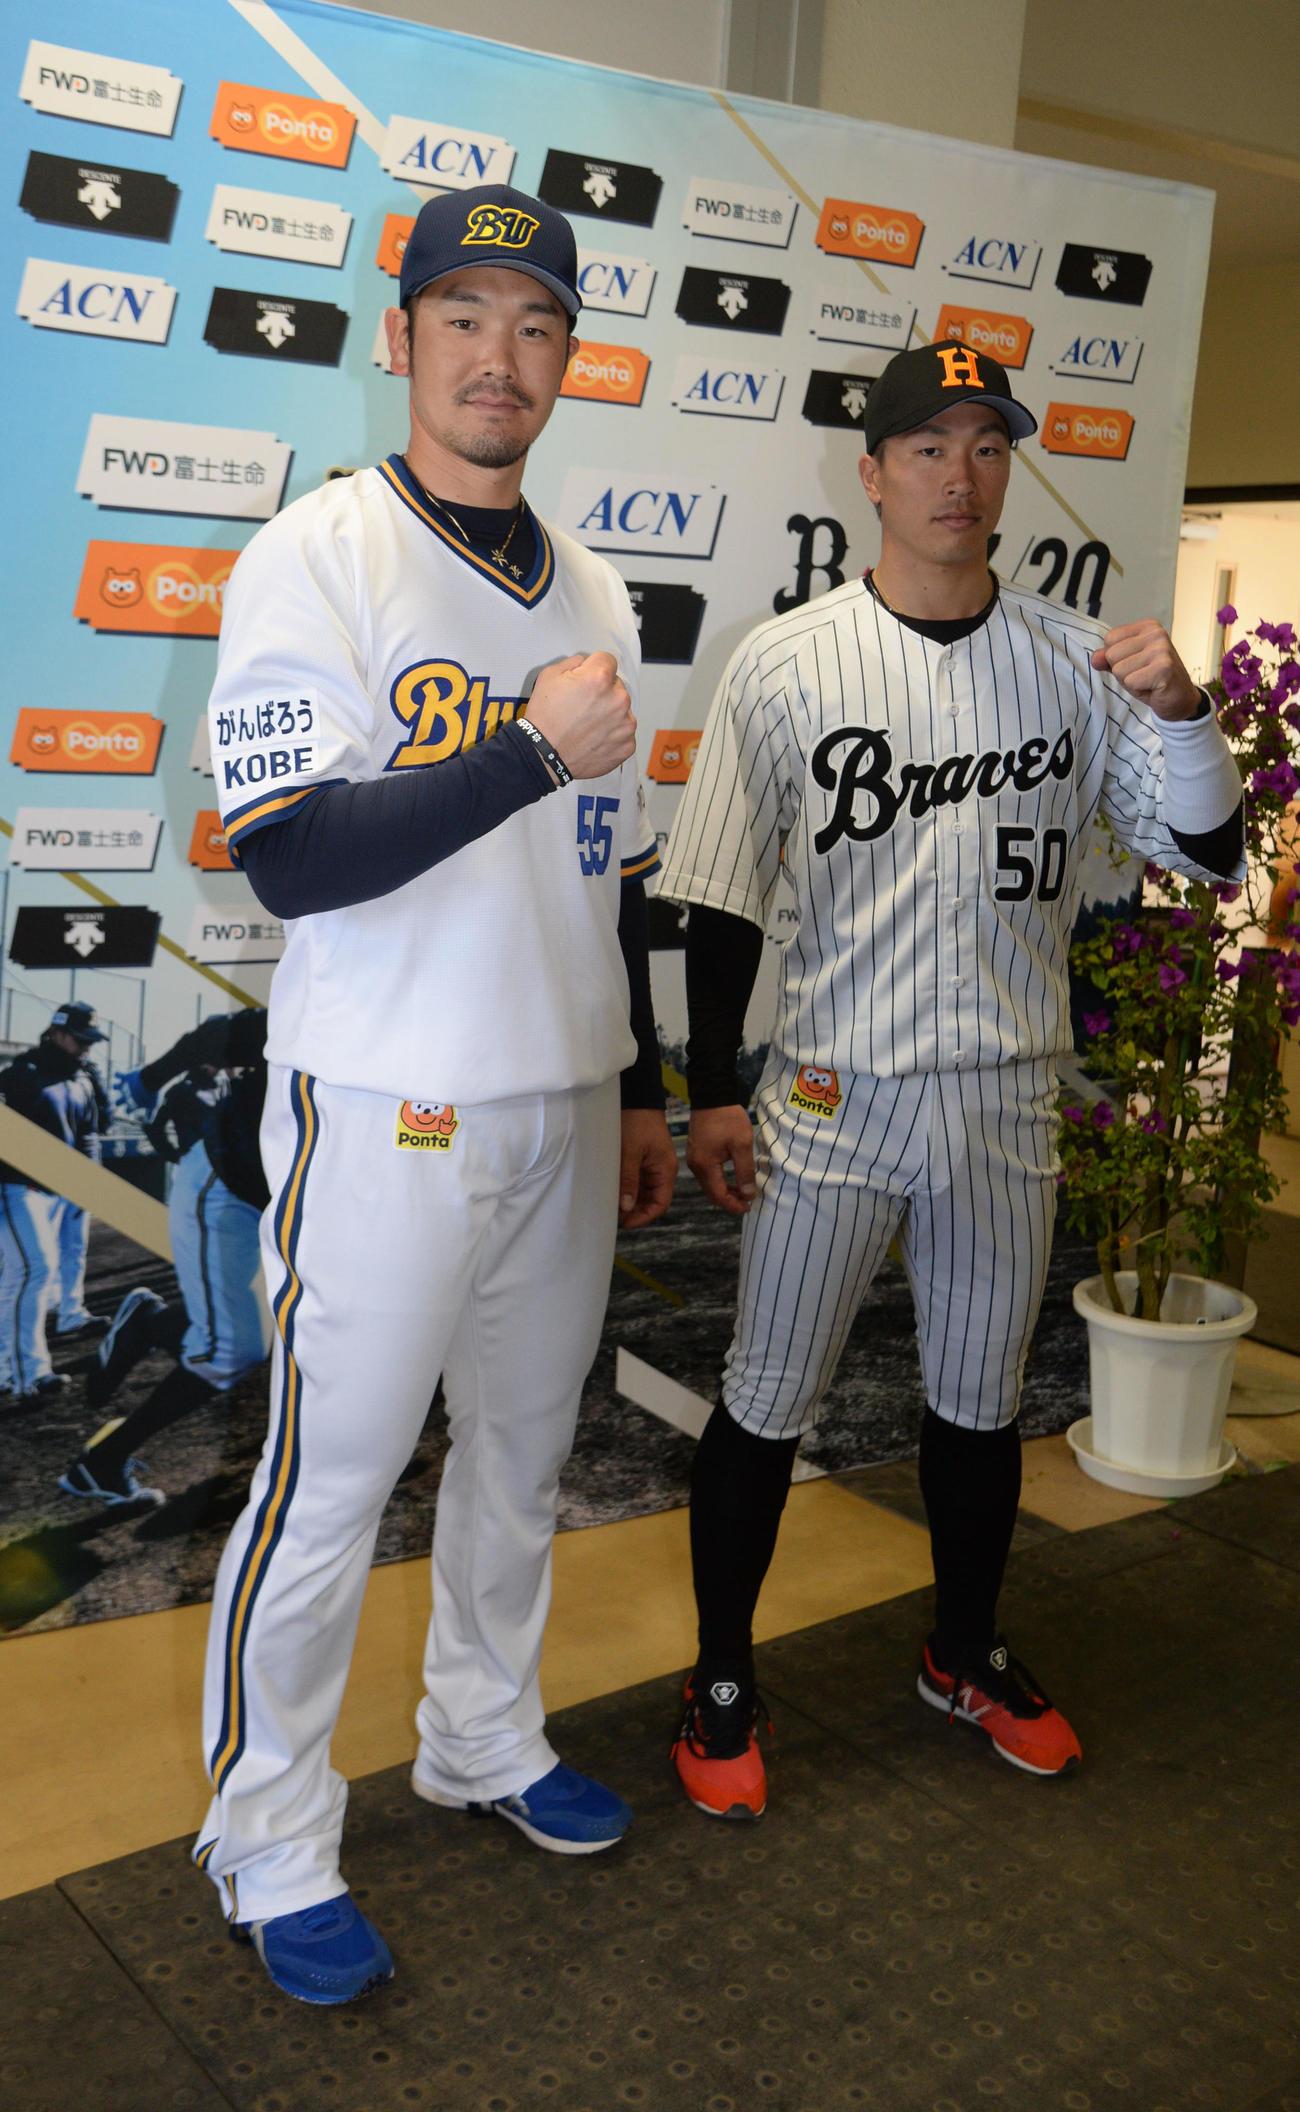 そろってポーズを決める、がんばろうKOBE25thユニホームを着用したT-岡田(左)と西本幸雄メモリアルユニホームを着用した安達(撮影・渦原淳)